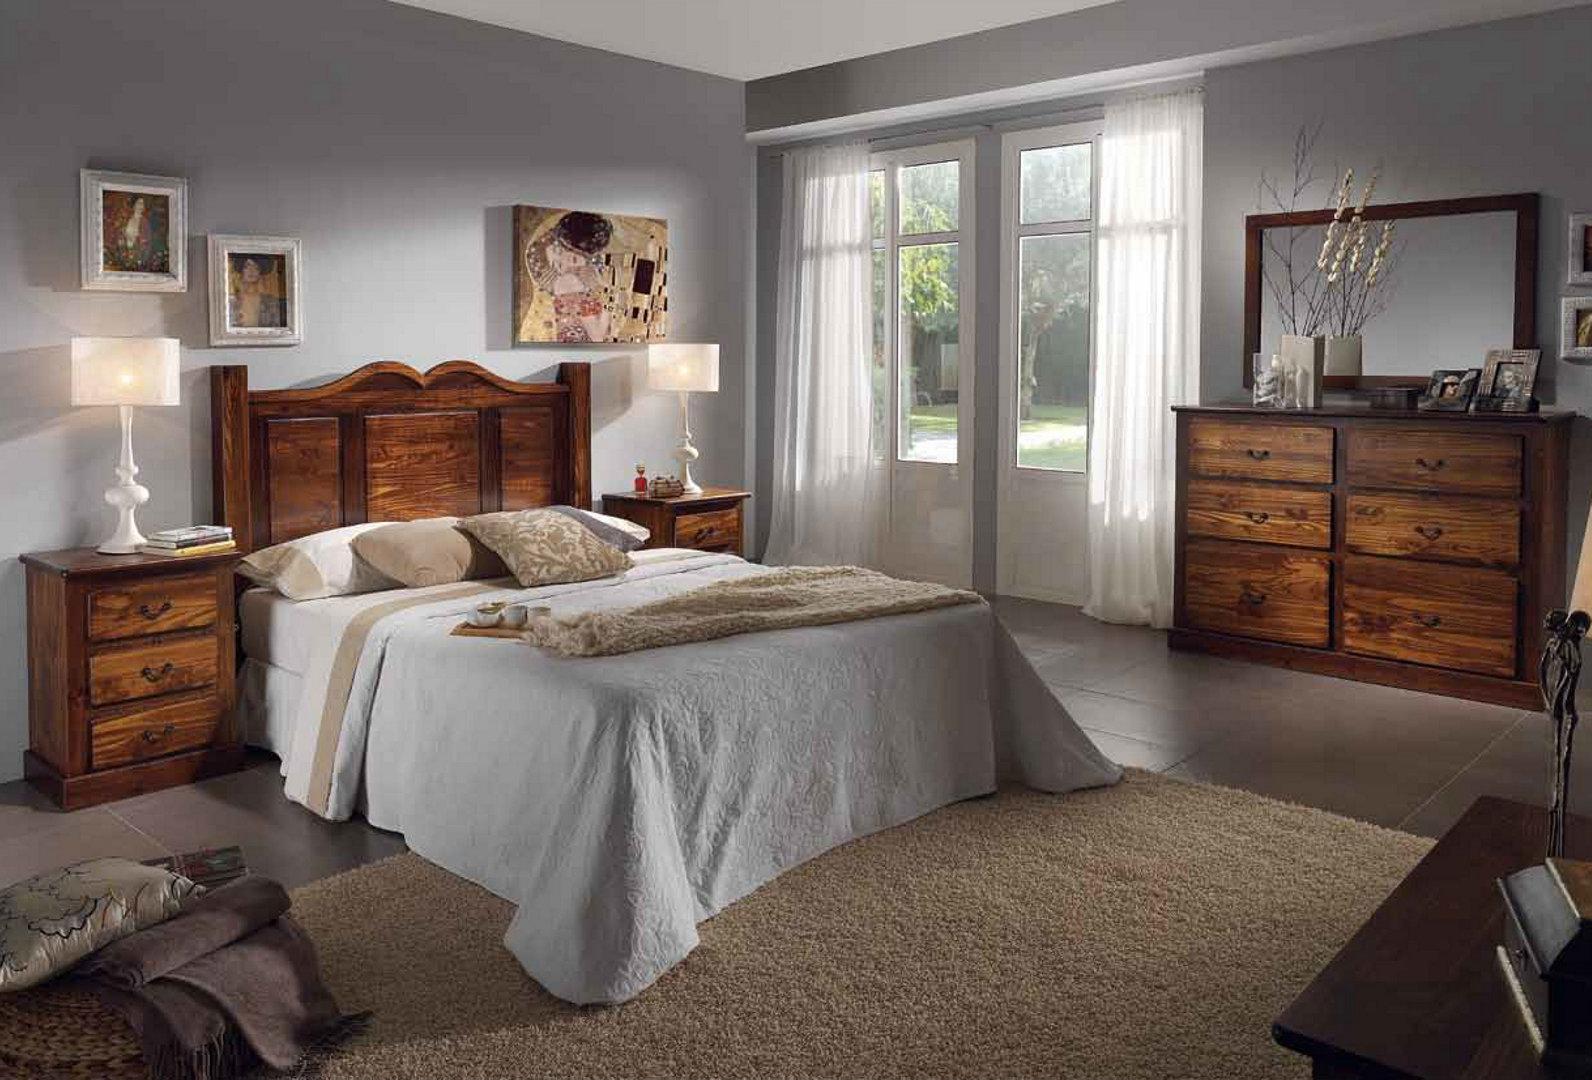 Decoraci n rafael caballero dormitorios contempor neos - Decoracion armarios dormitorios ...